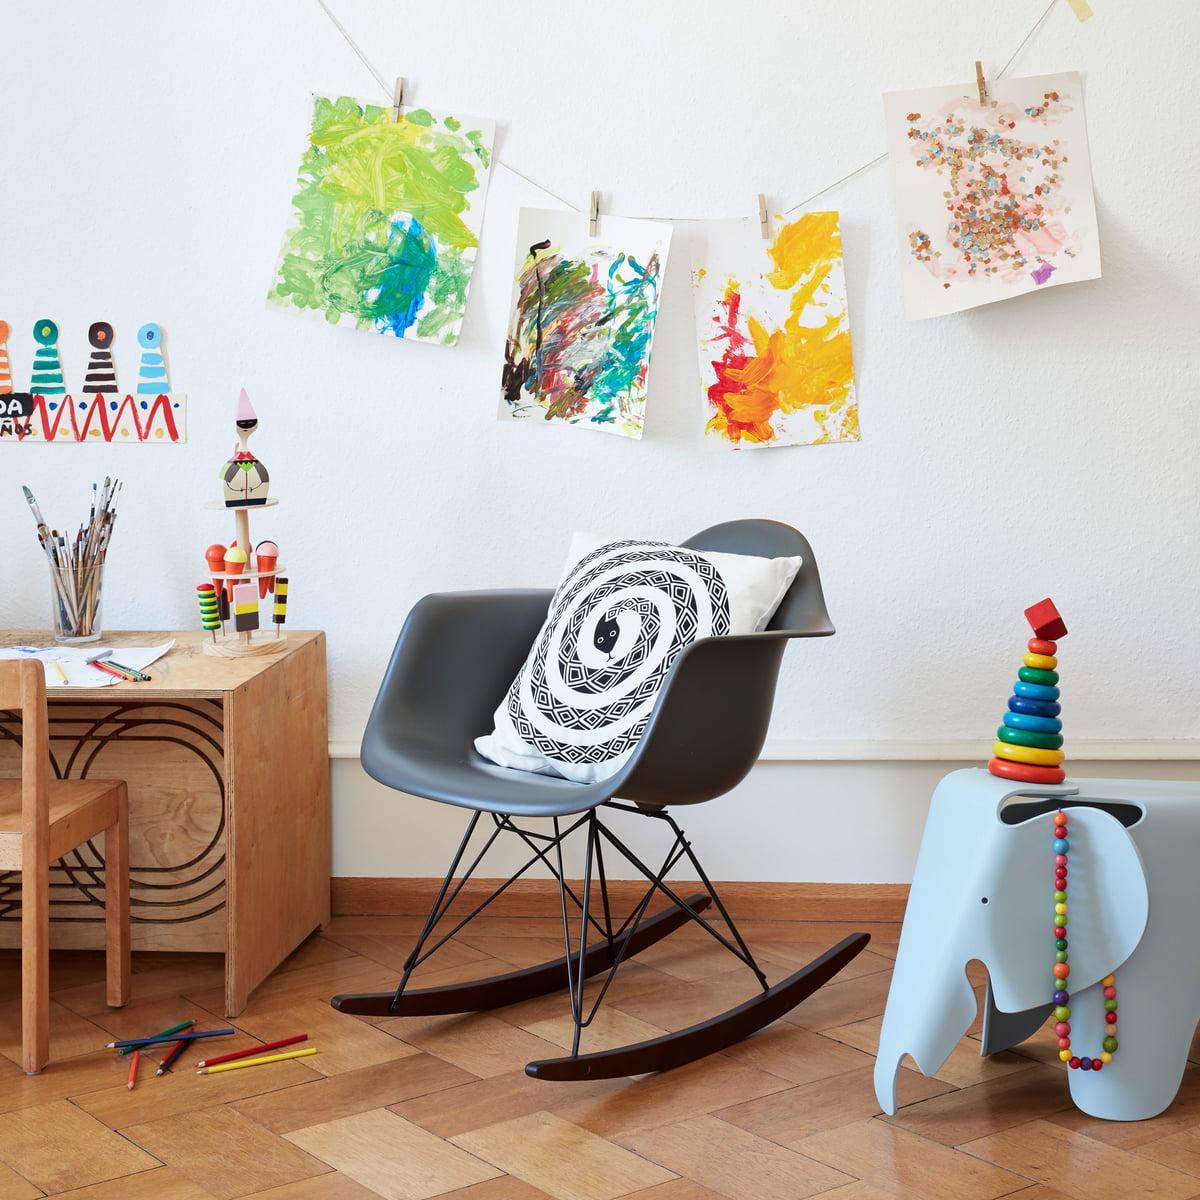 Vitra Kinderzimmer Mit Eame Schaukelstuhl